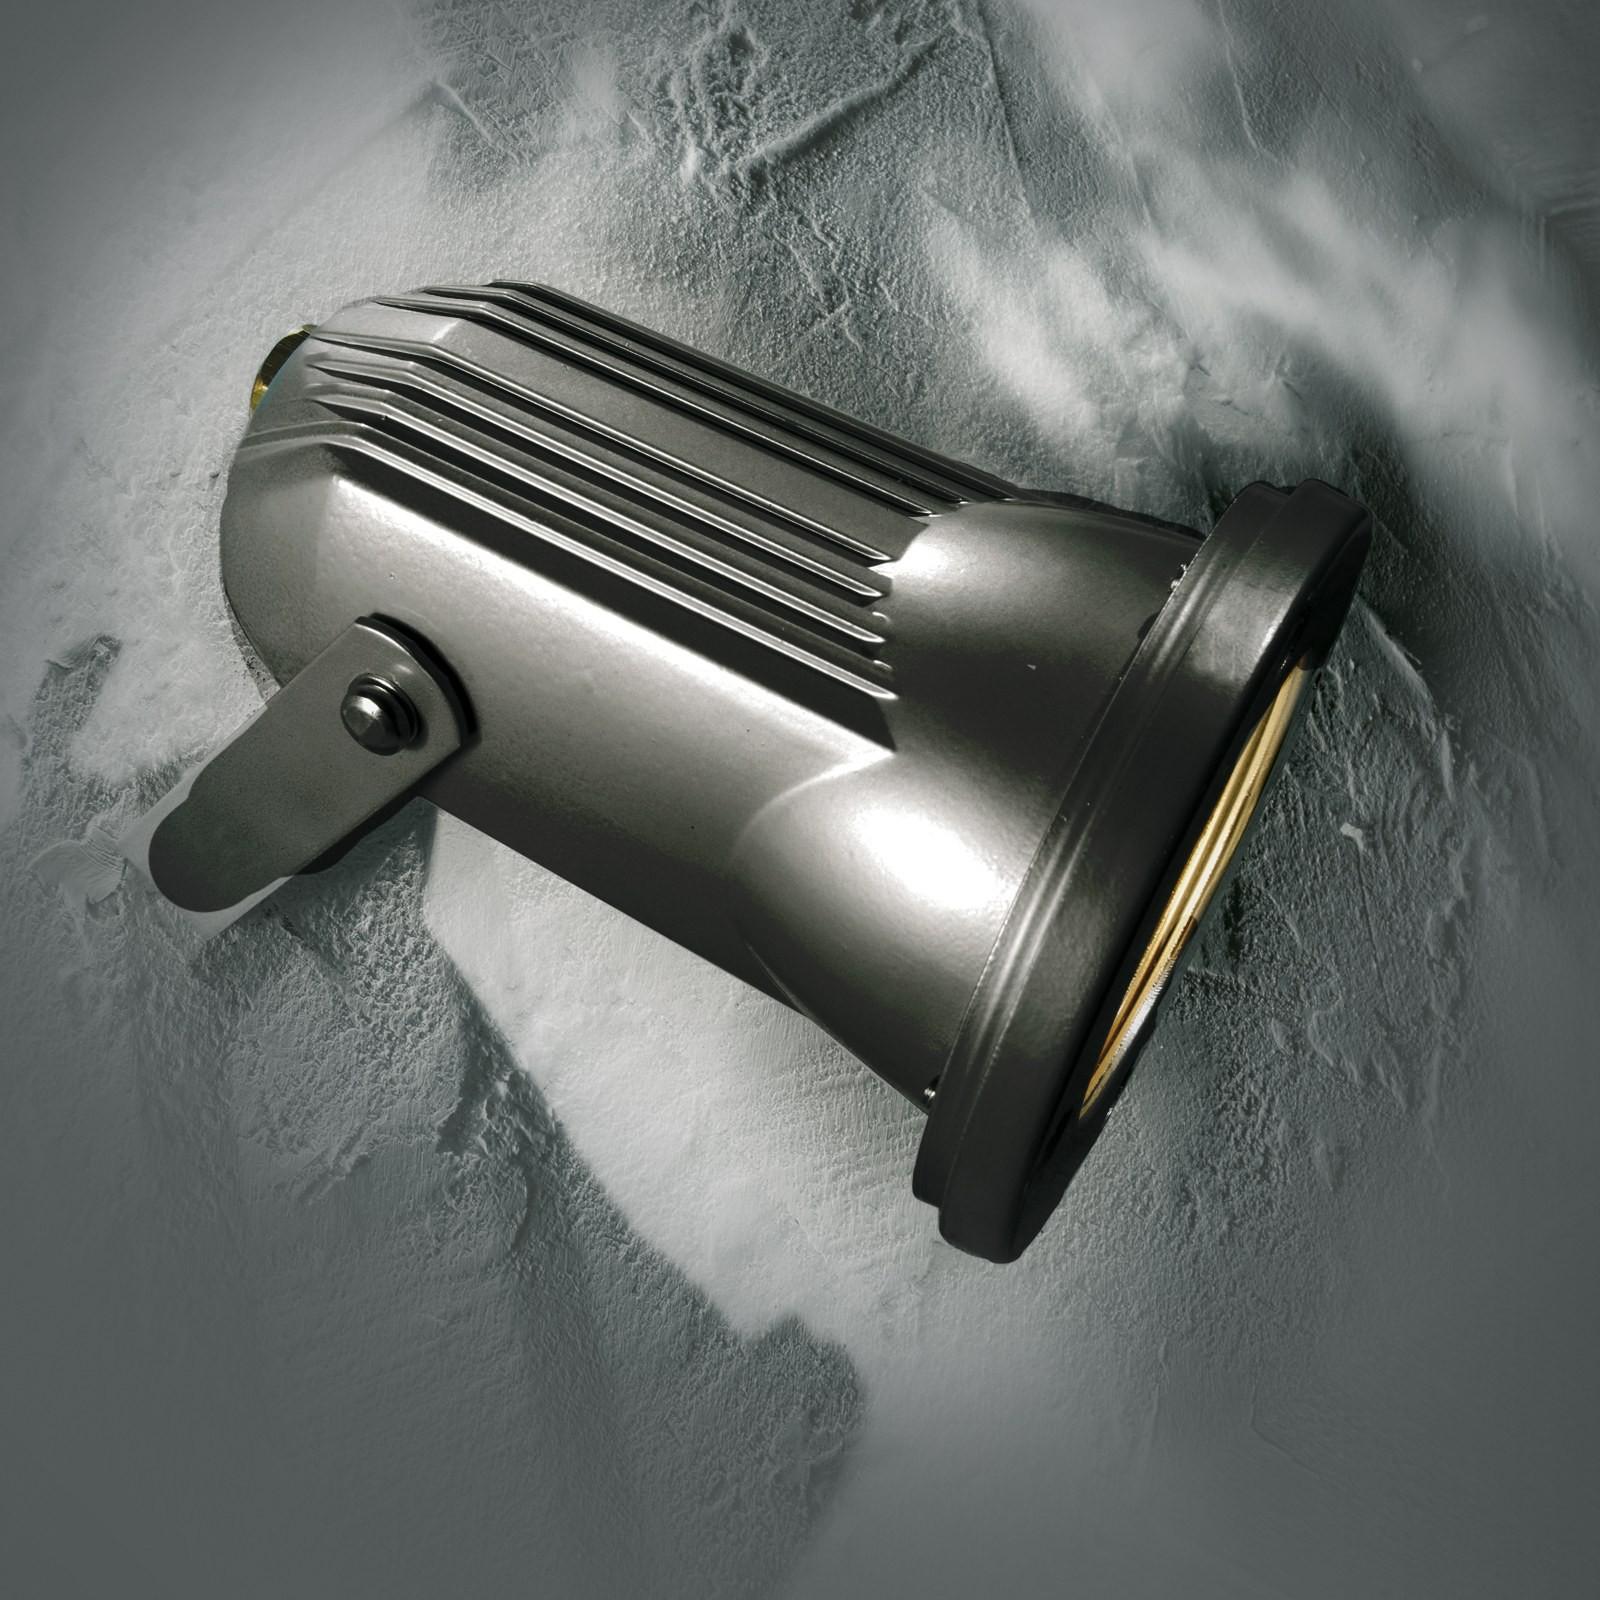 Faretti A Terra Da Esterno: Faretti a terra da esterno lampade diluxlight prodotti per.